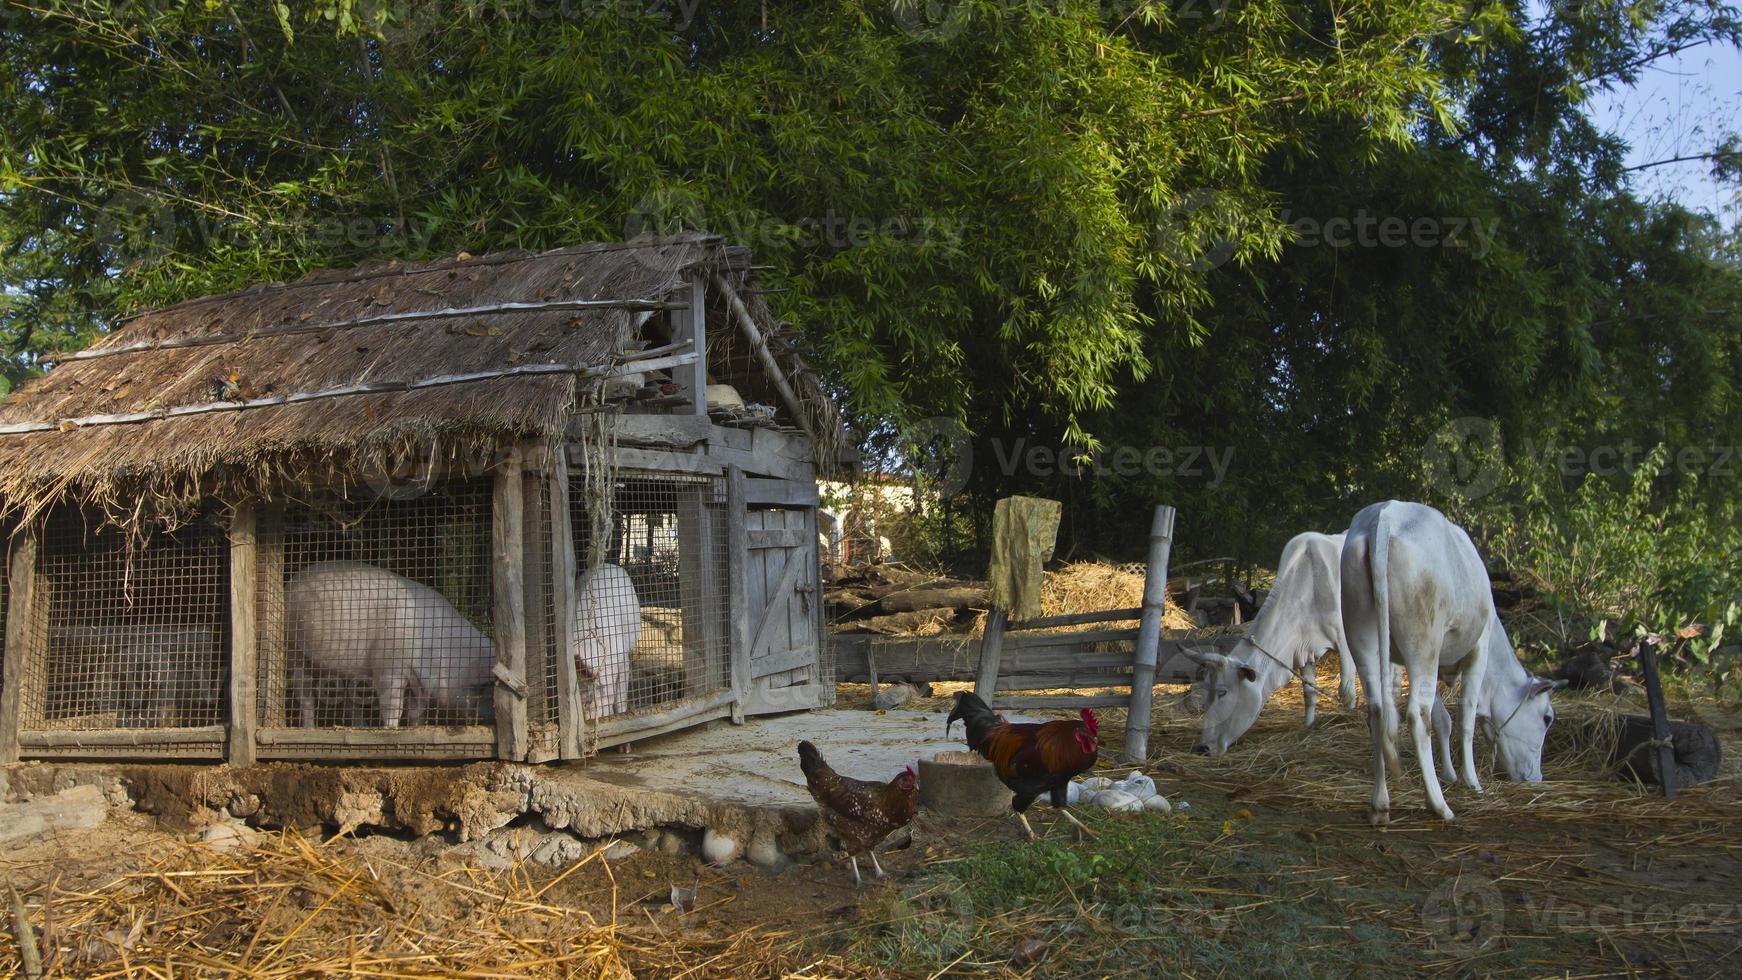 animaux domestiques de la ferme dans une ferme traditionnelle photo